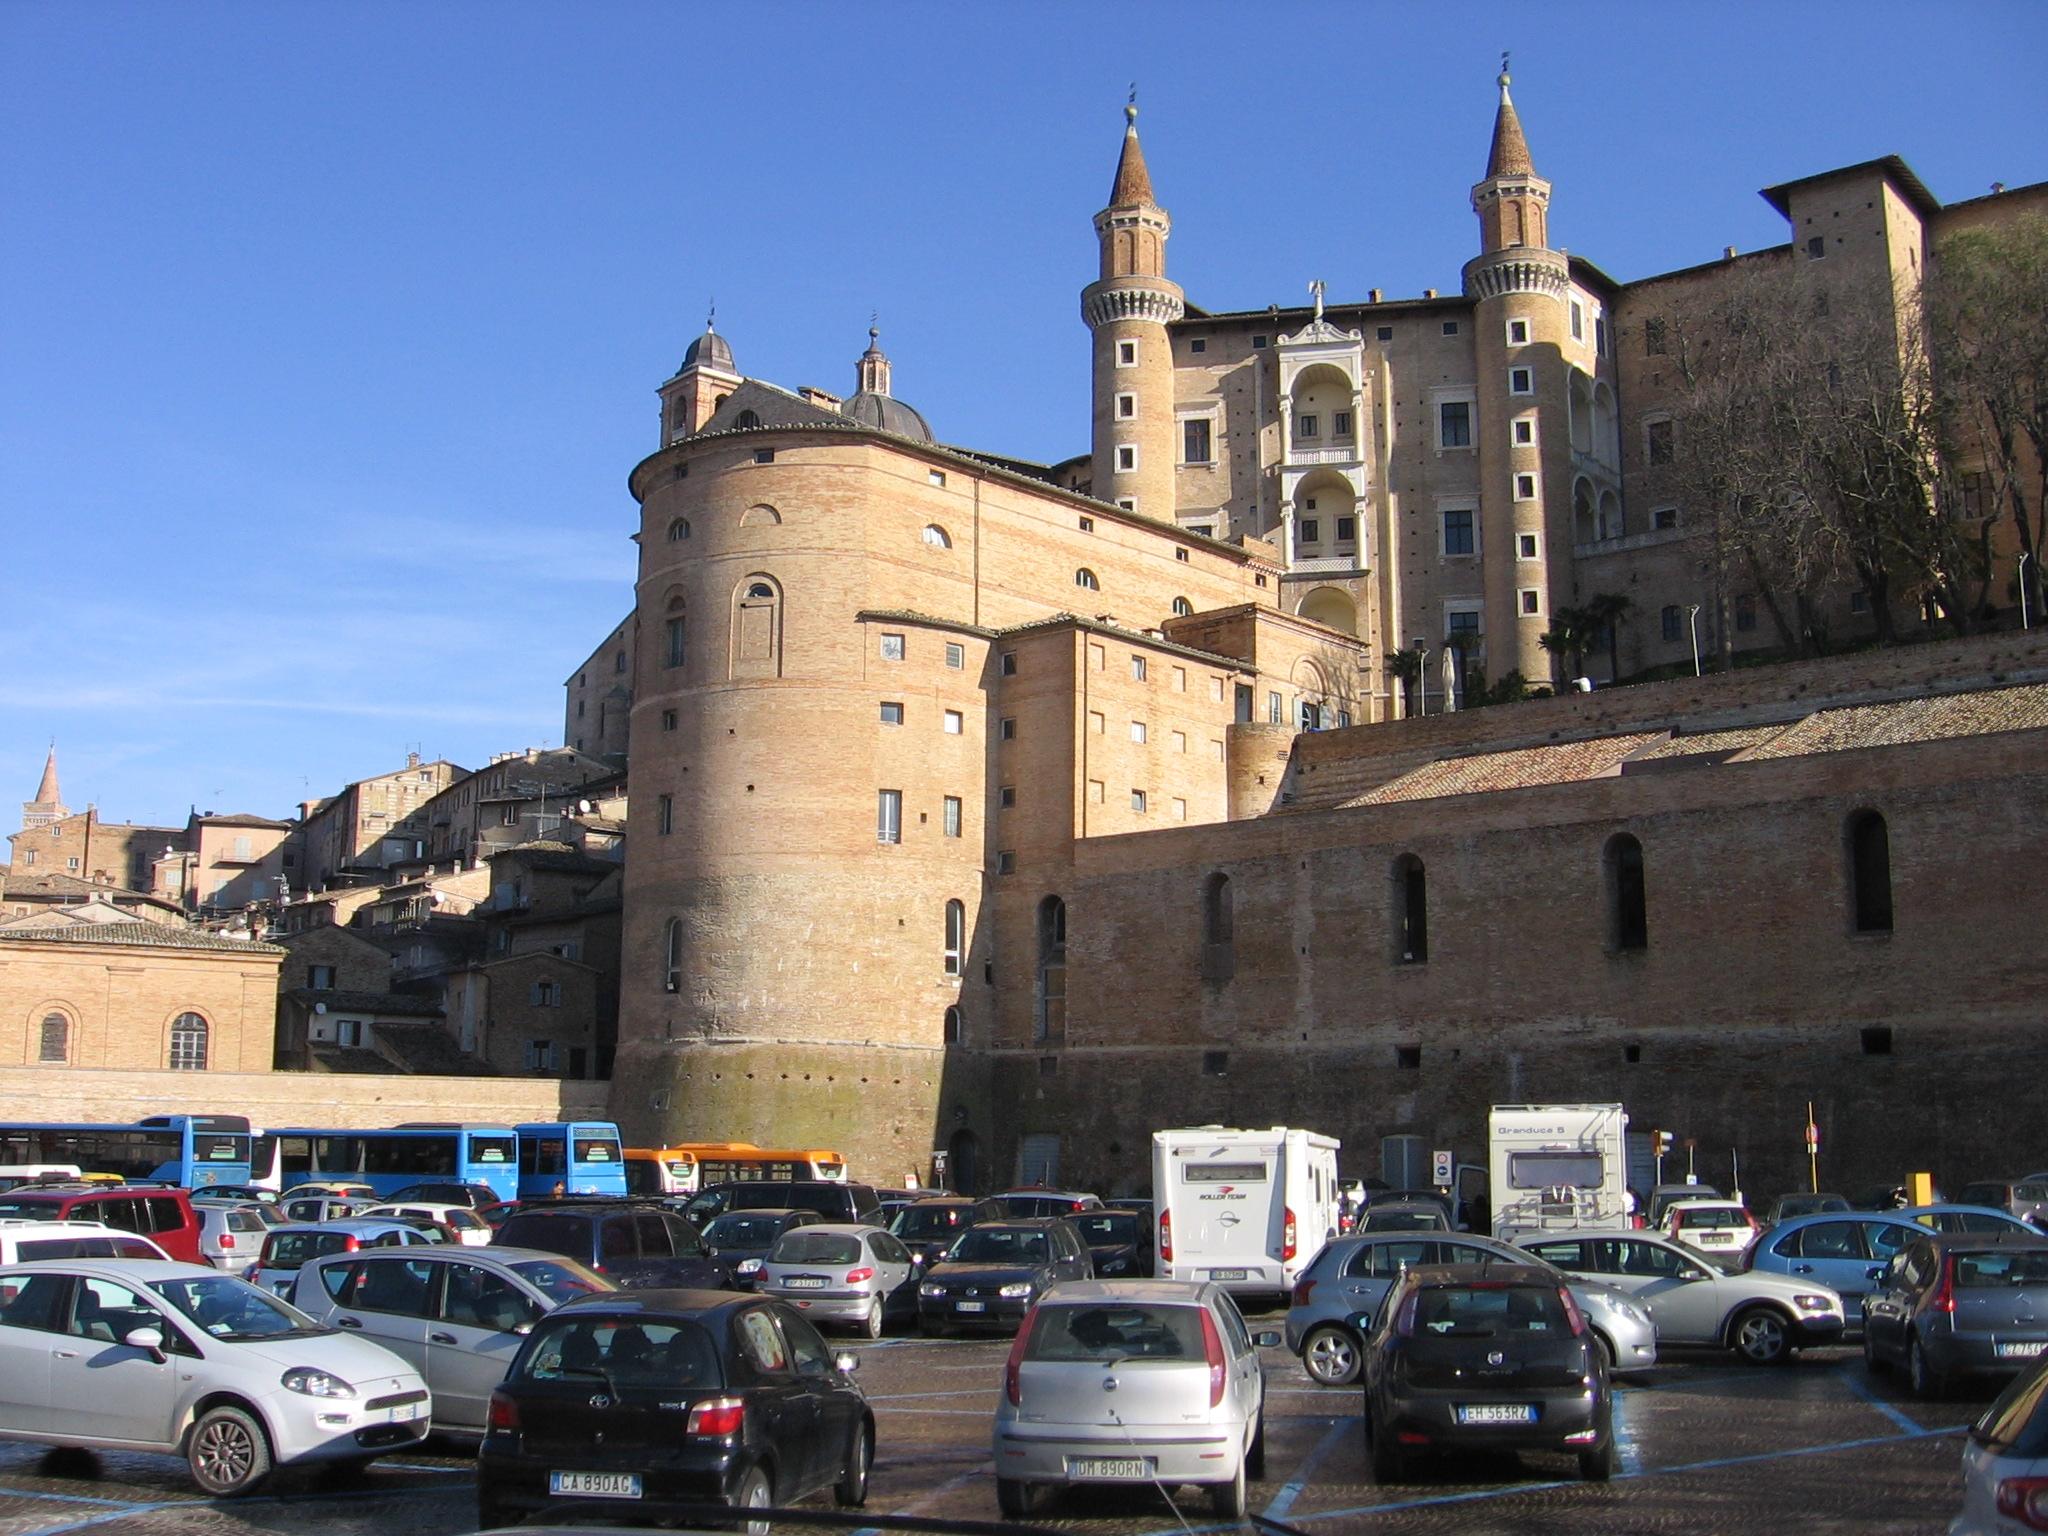 """automezzi a noleggio la possibilit di raggiungere Urbino significa incrementare il turismo """"mordi e fuggi"""" e l incapacit di prendere il reale"""